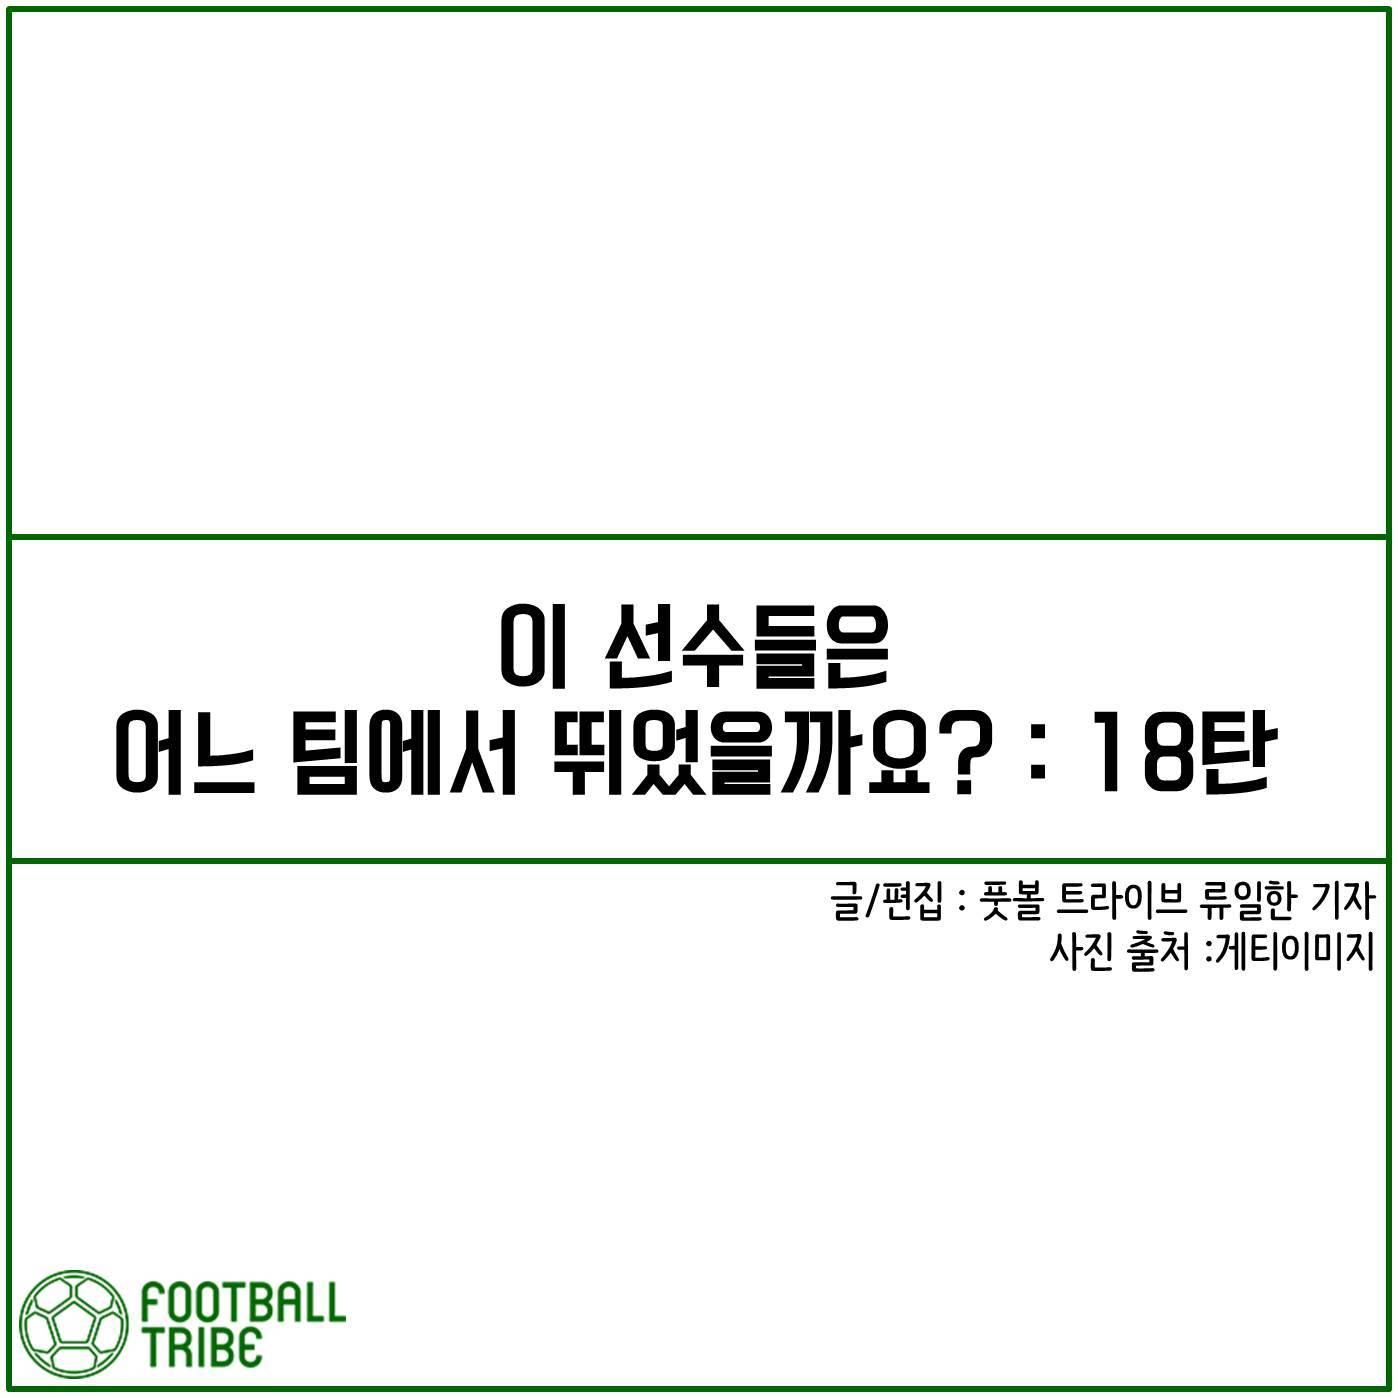 [카드 뉴스] 이 선수들은 어느 팀에서 뛰었을까요?: 18탄